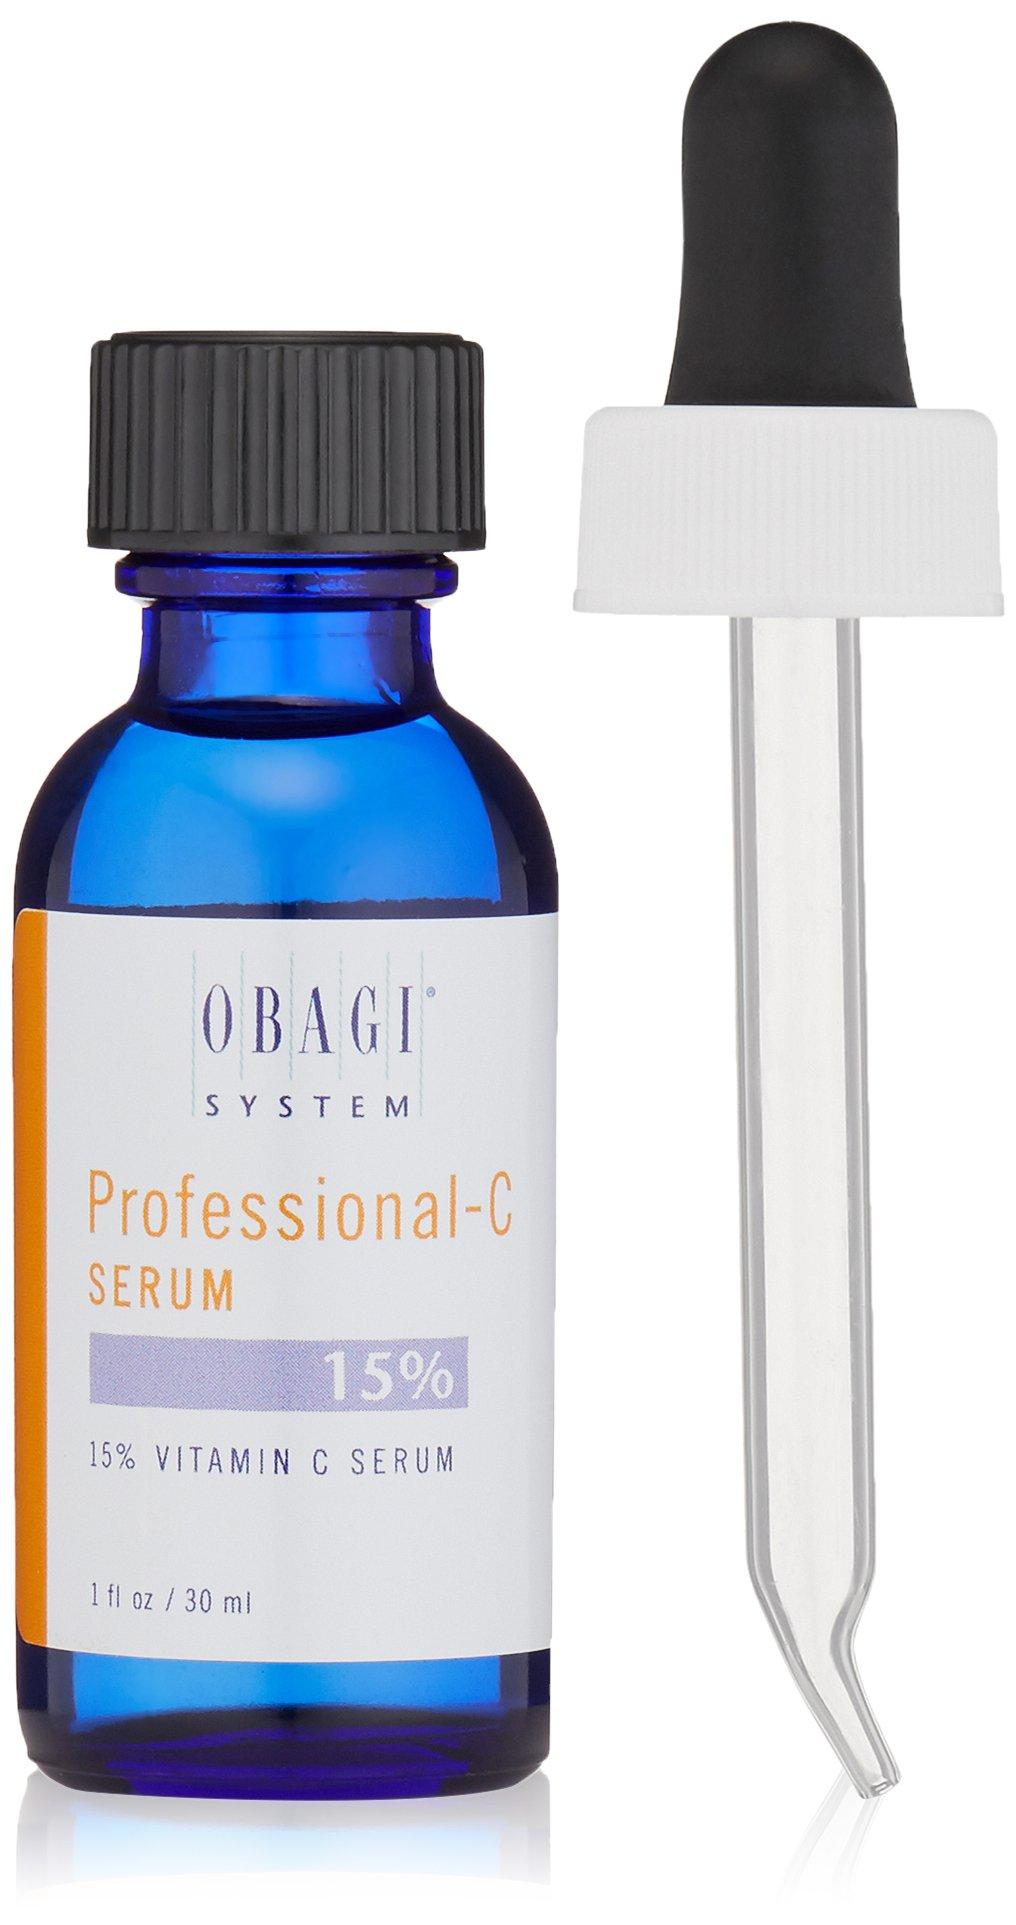 Obagi Professional-C Serum 15%, 1 fl. oz.